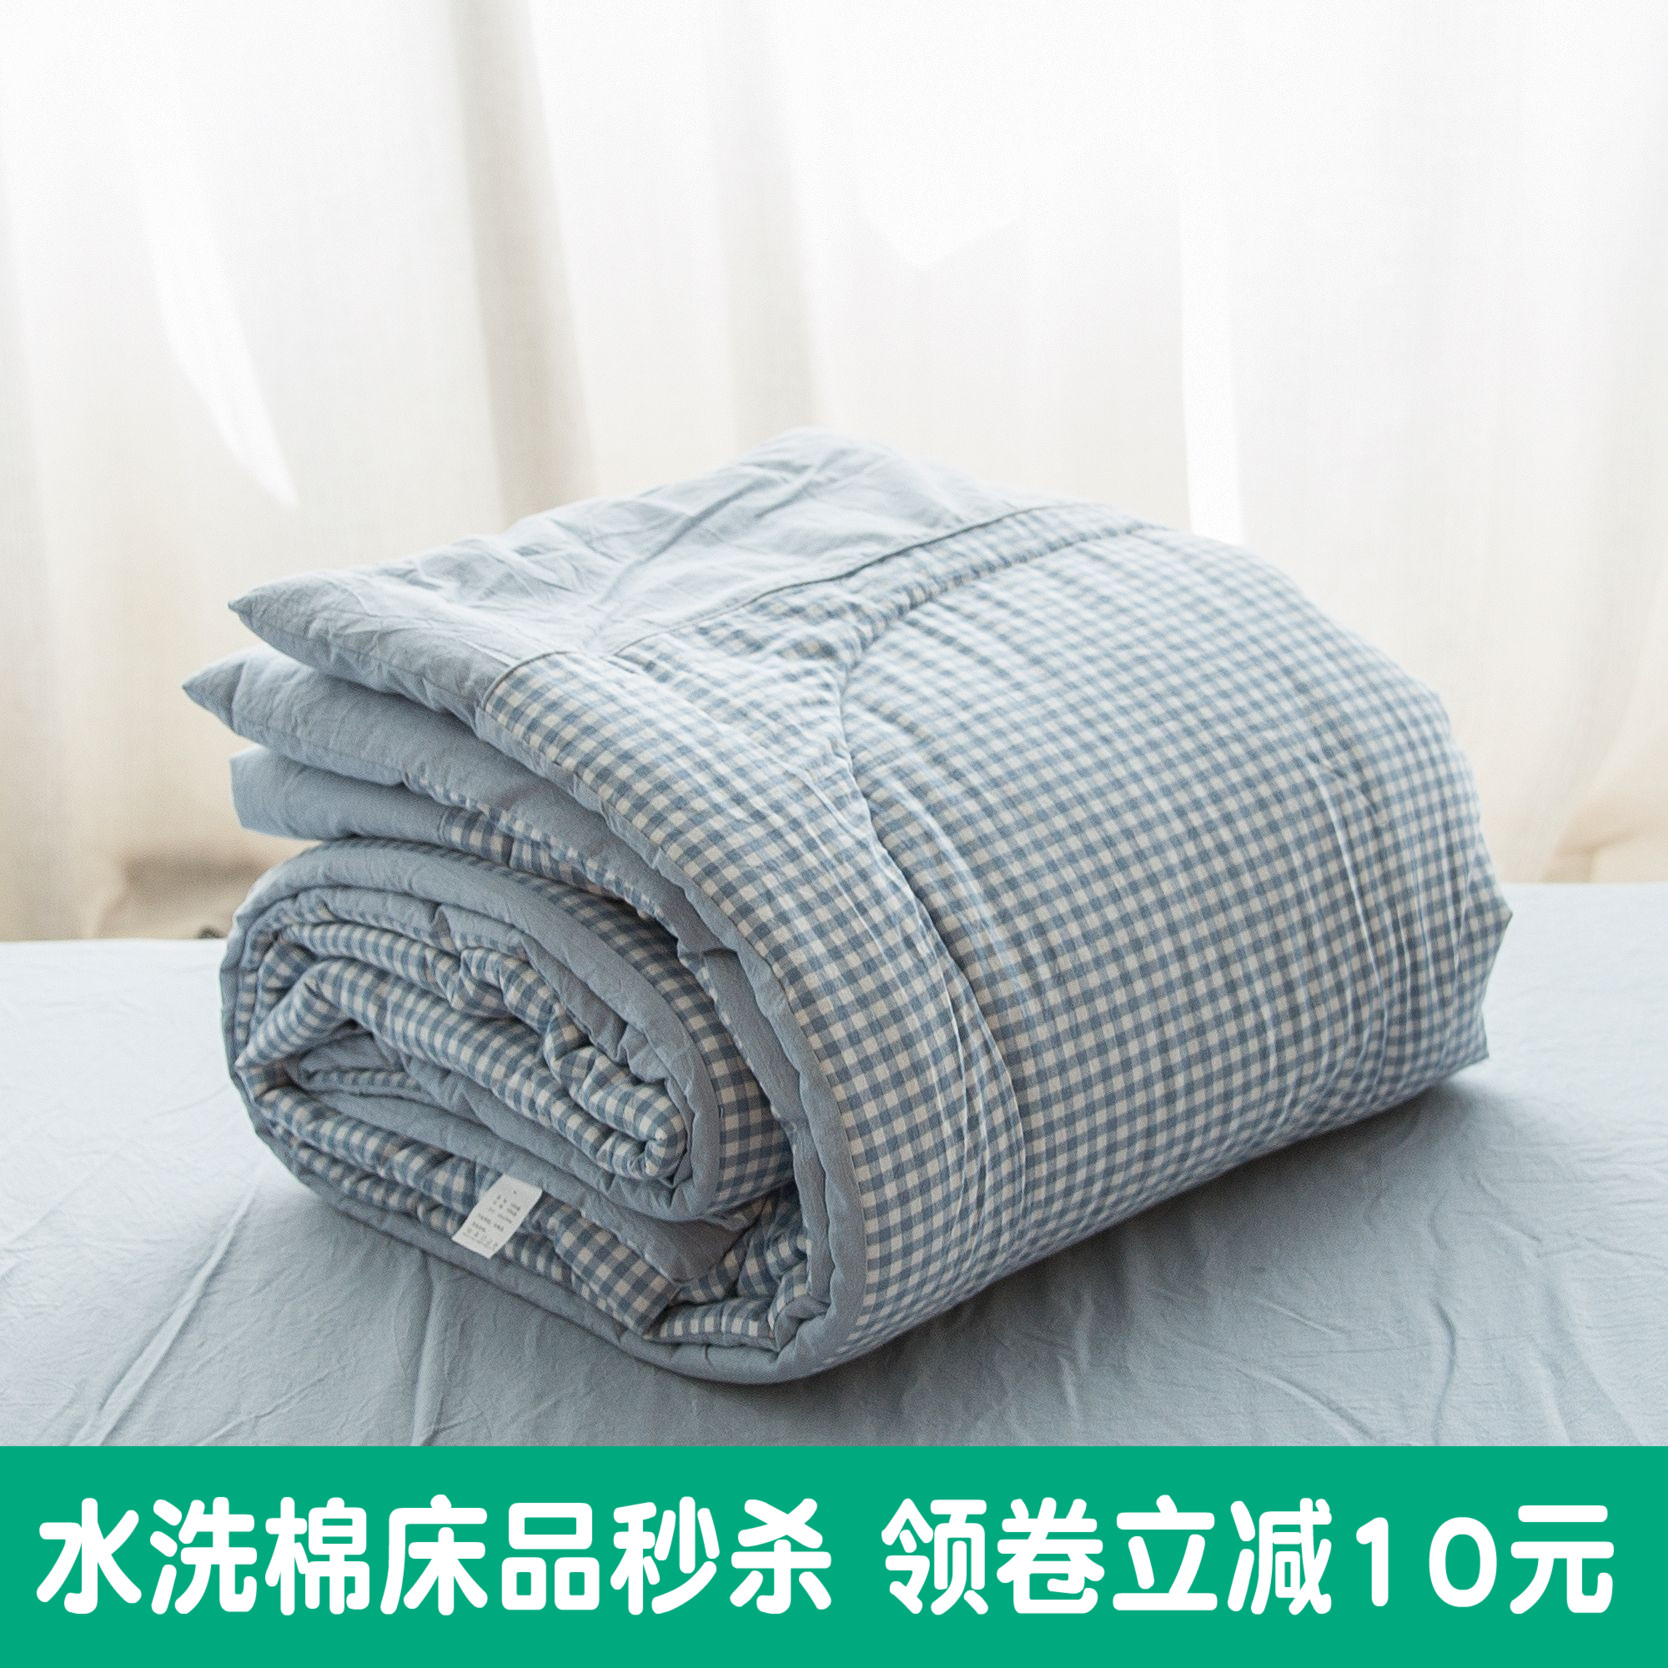 无印可机洗水洗棉夏季全棉薄款空调夏凉被子良品纯棉春秋双人被芯